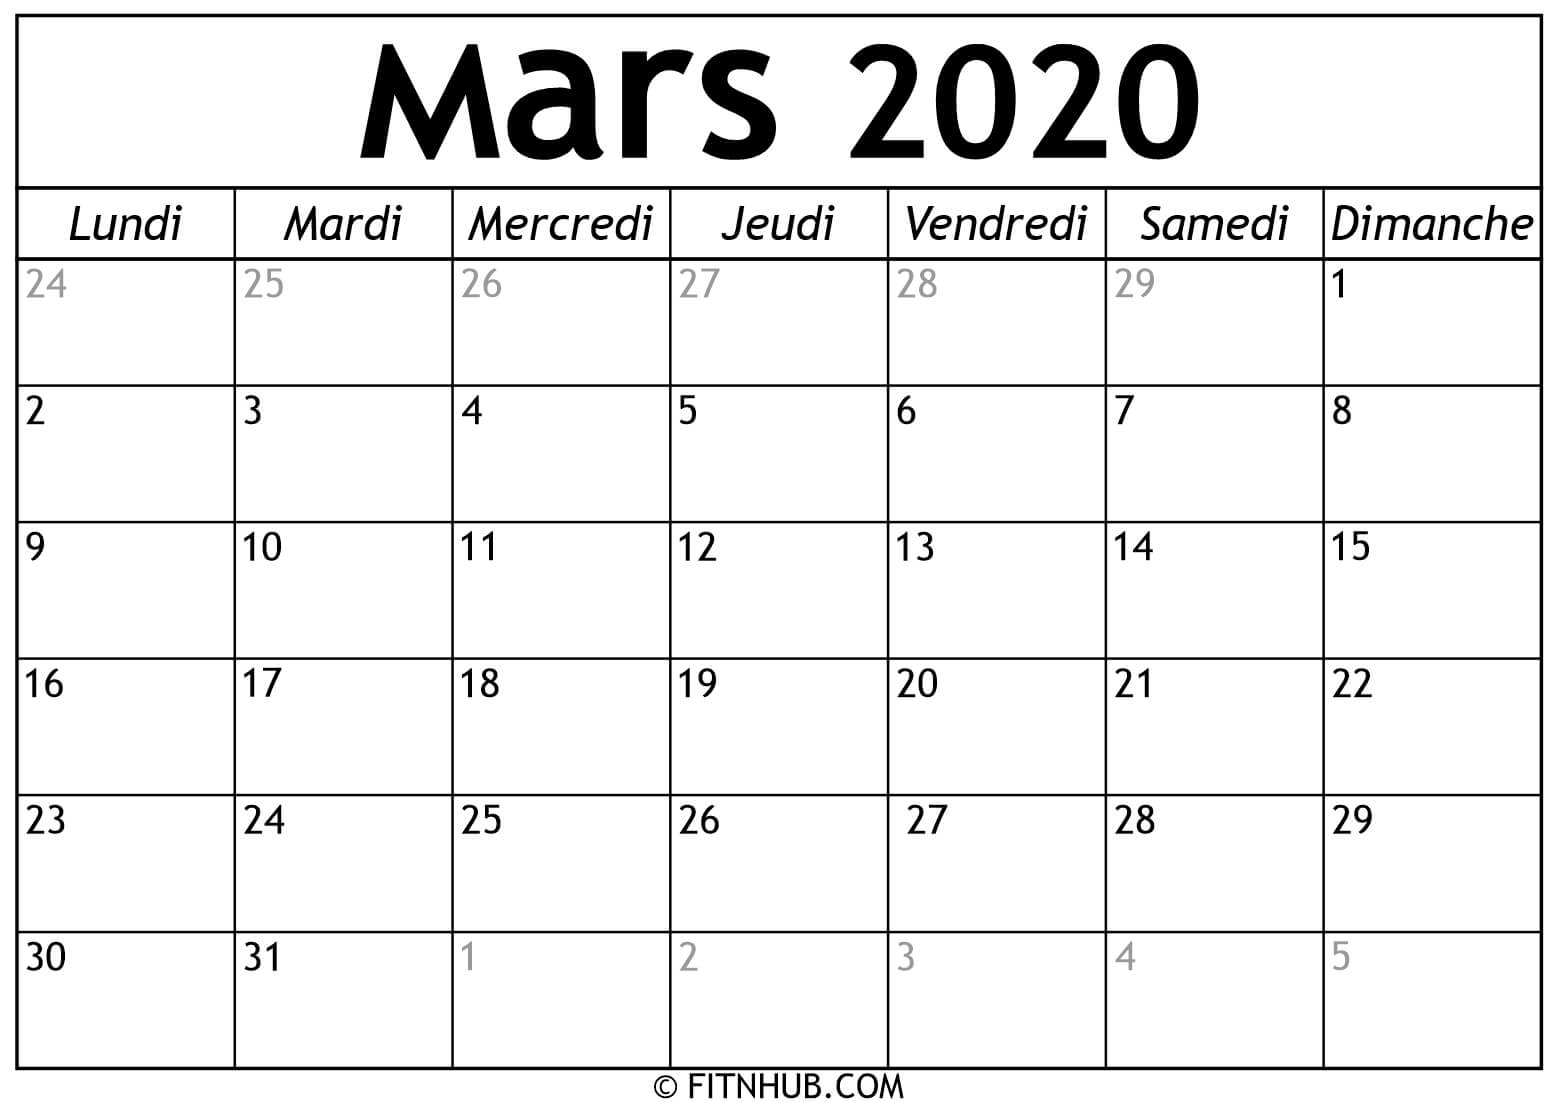 Calendrier Mars 2020 À Imprimer - Calendrier 2020 À Imprimer dedans Imprimer Des Calendriers